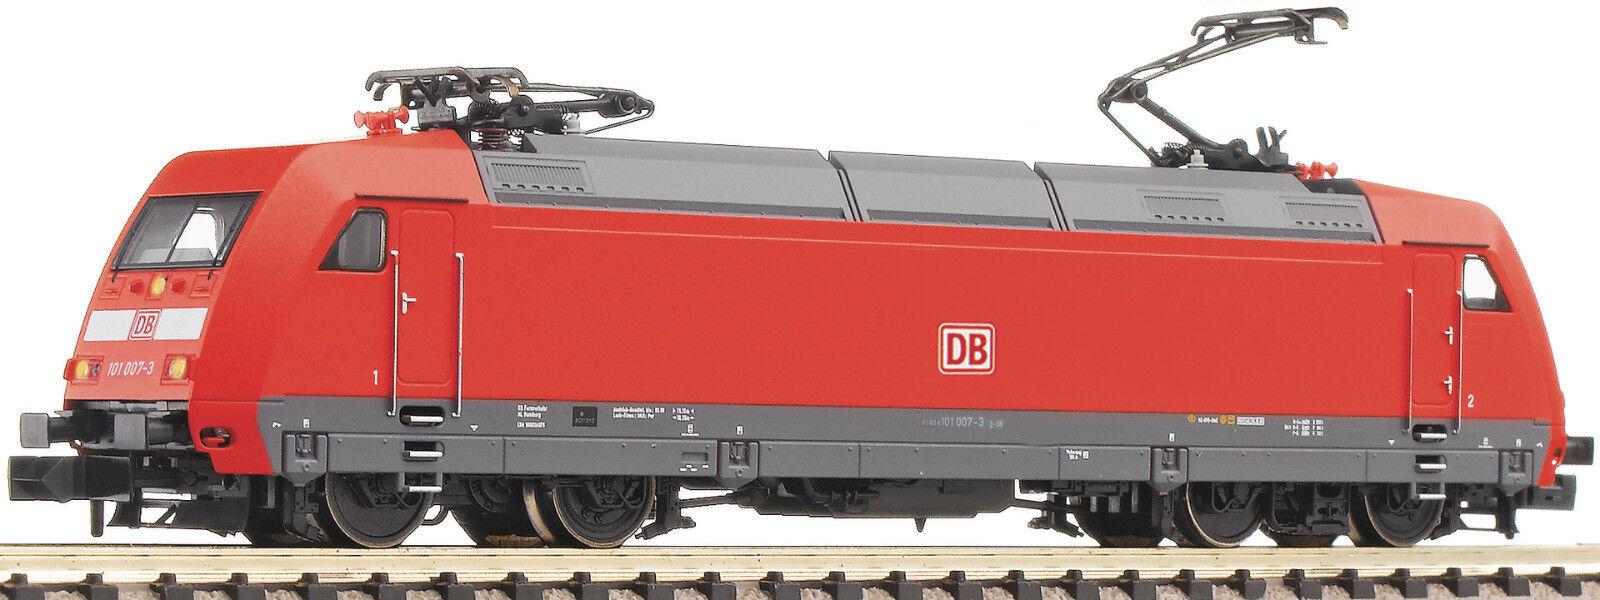 FLEISCHMANN N 737 locomotora eléctrica BR 101 DB Ep 6 &